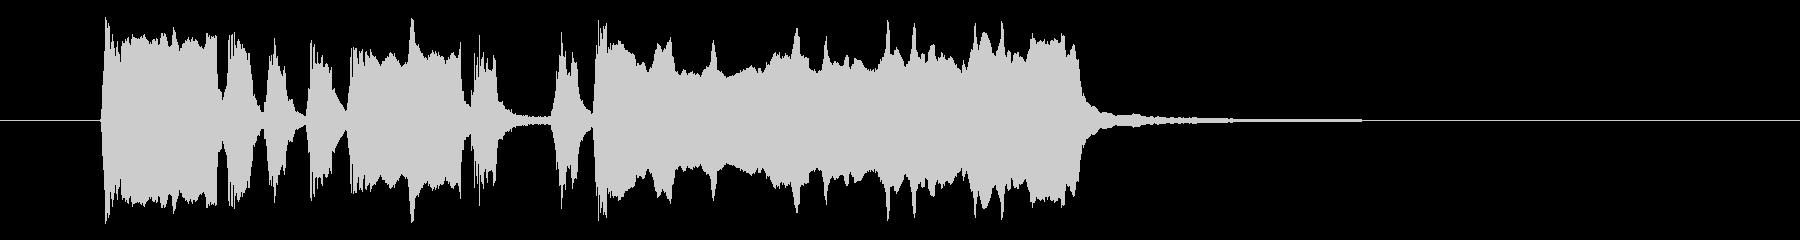 ファンファーレ(ラッパ、中音域)の未再生の波形